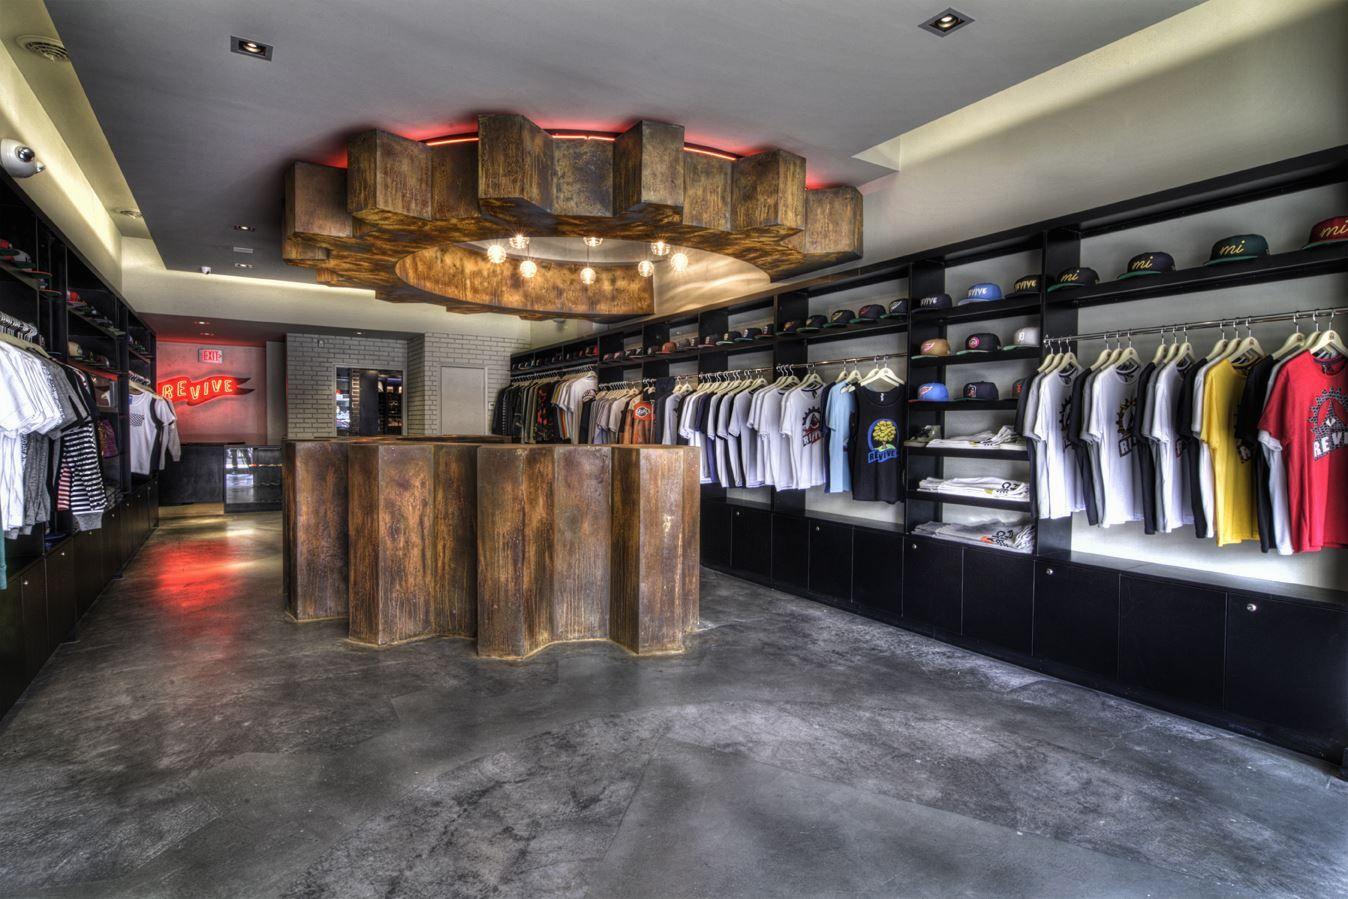 Ünlü giyim markaları satılmayan ürünleri yakarak yok ediyor